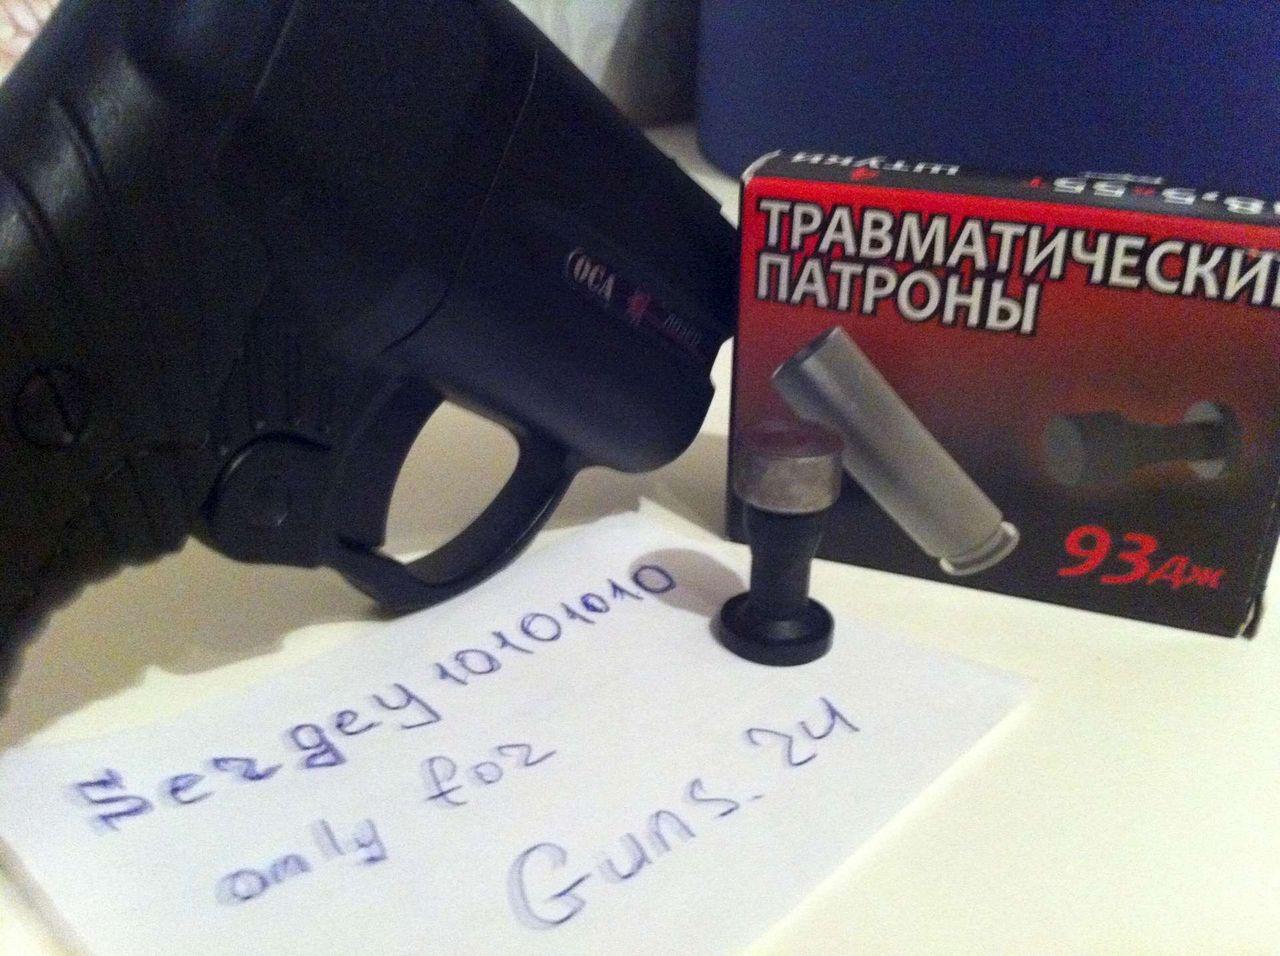 Продам Травматический пистолет/комплекс ОСА ПБ-4-2 г. Москва.